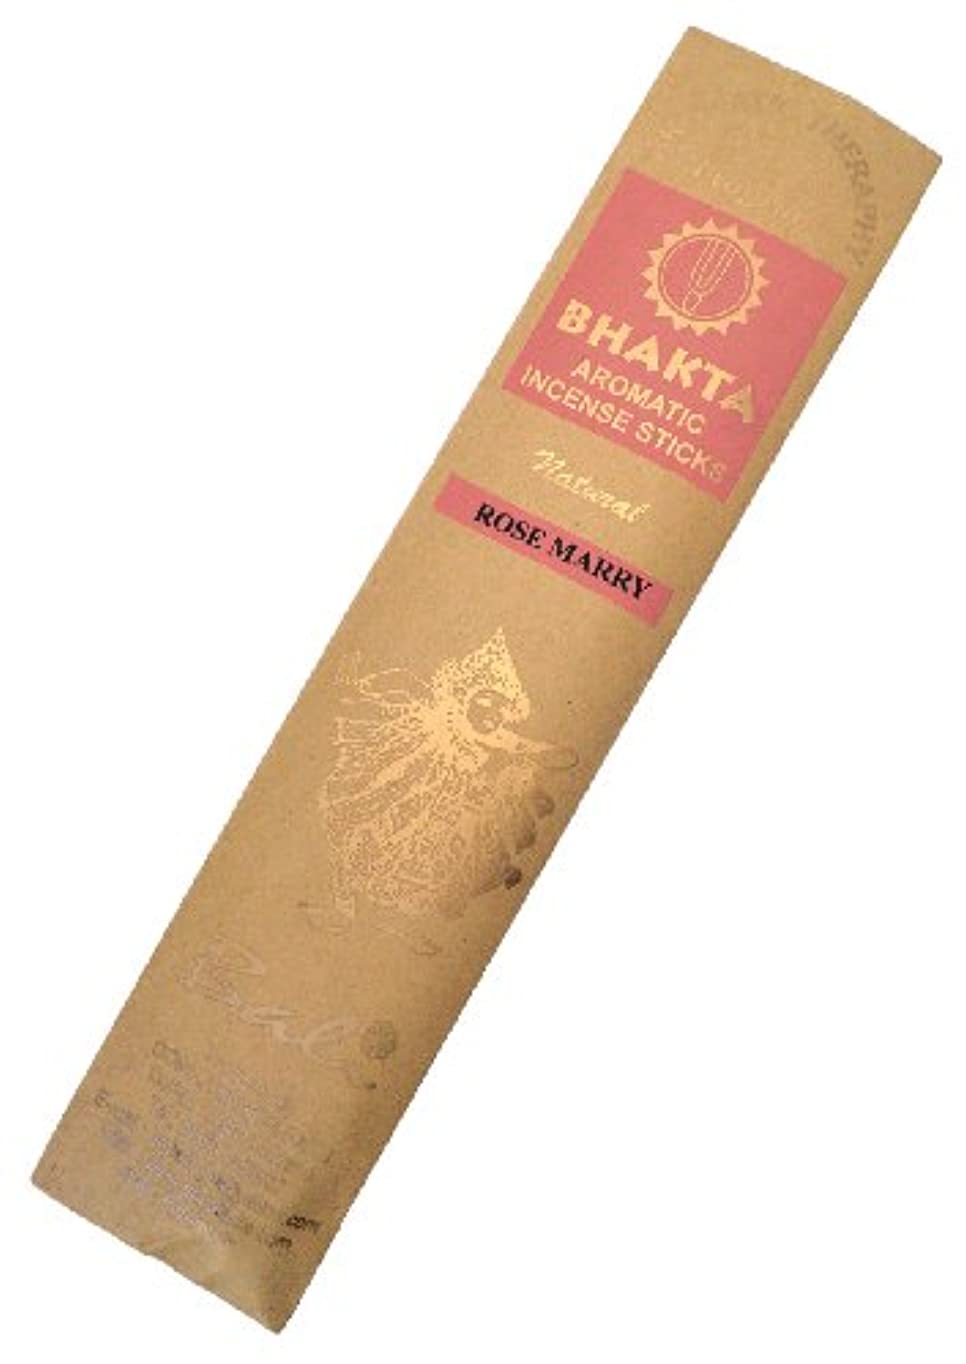 一節のホスト検査お香 BHAKTA ナチュラル スティック 香(ローズマリー)ロングタイプ インセンス[アロマセラピー 癒し リラックス 雰囲気作り]インドネシア?バリ島のお香